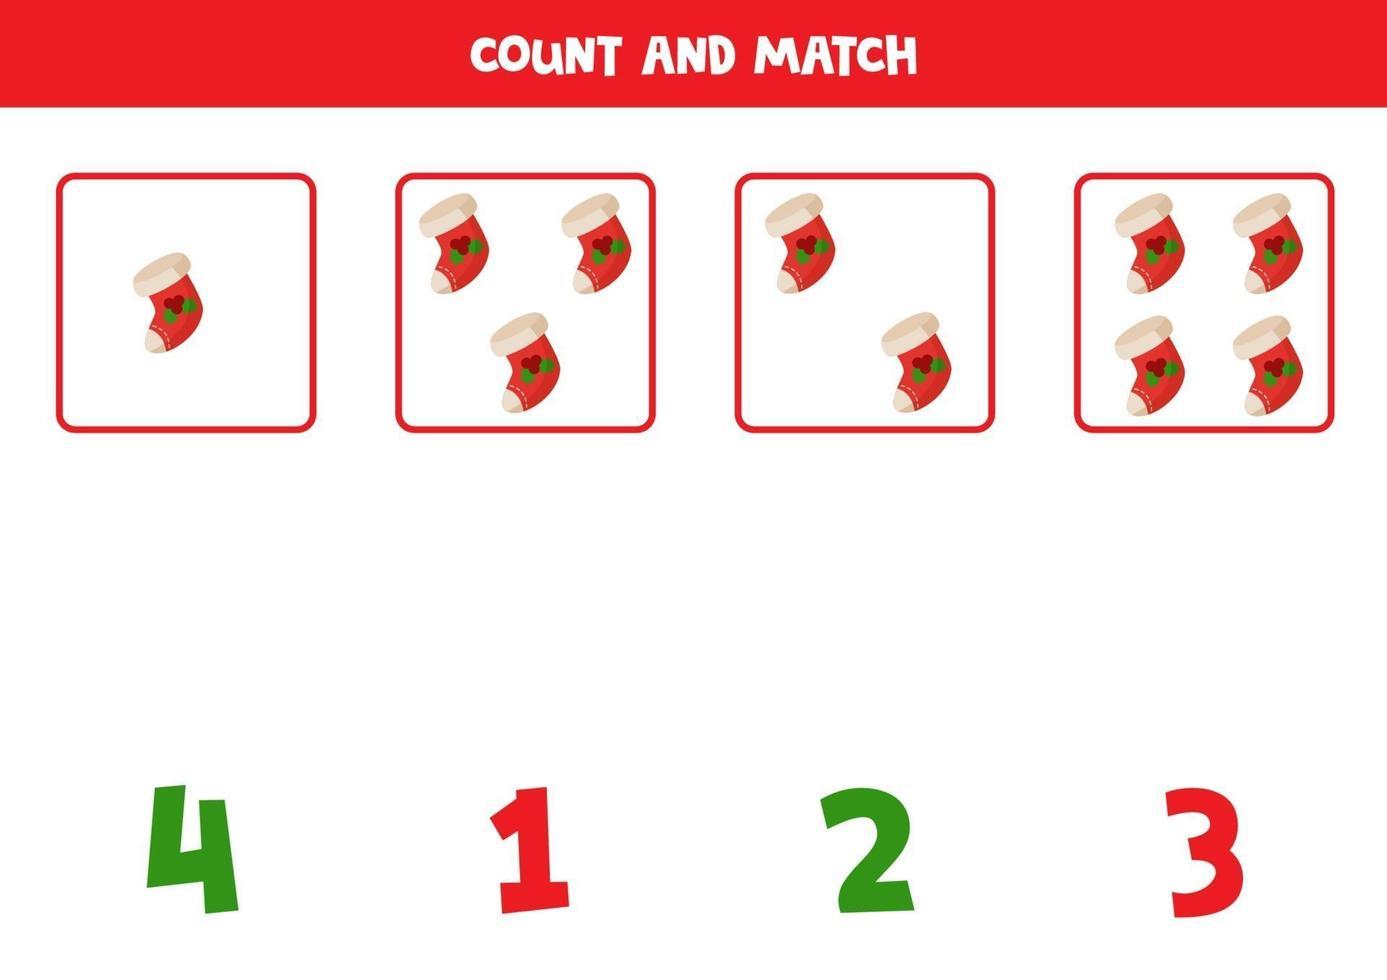 tellen spel met kerstsokken. wiskundig werkblad. vector